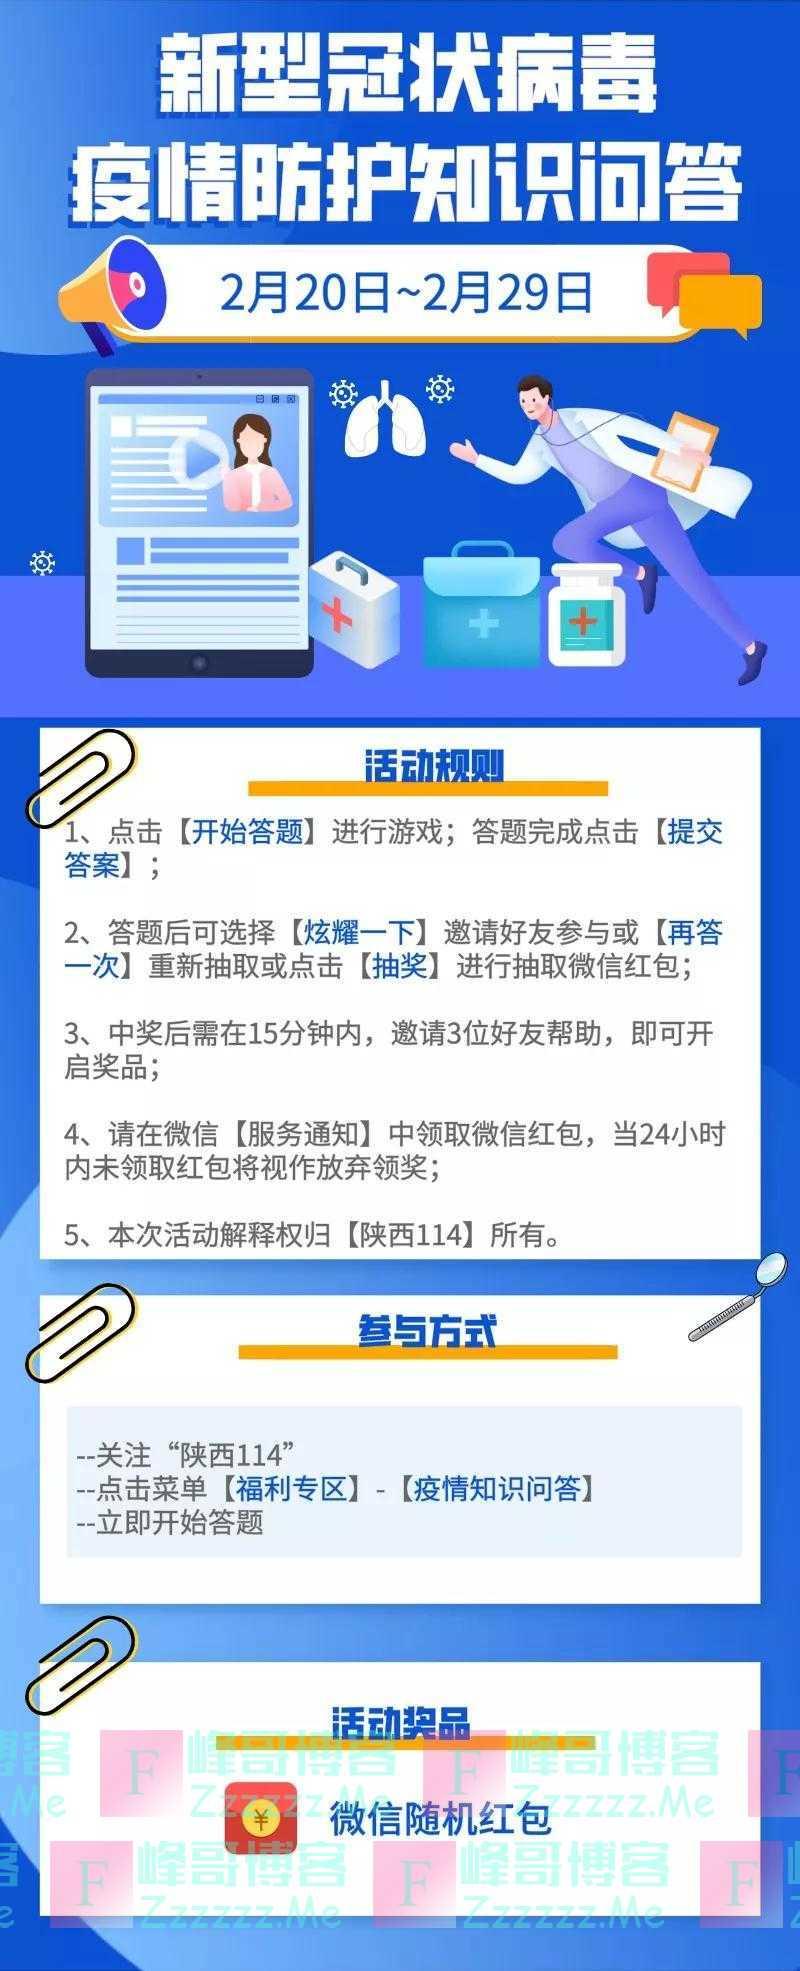 陕西114科学应对疫情 答题领红包(截止2月29日)